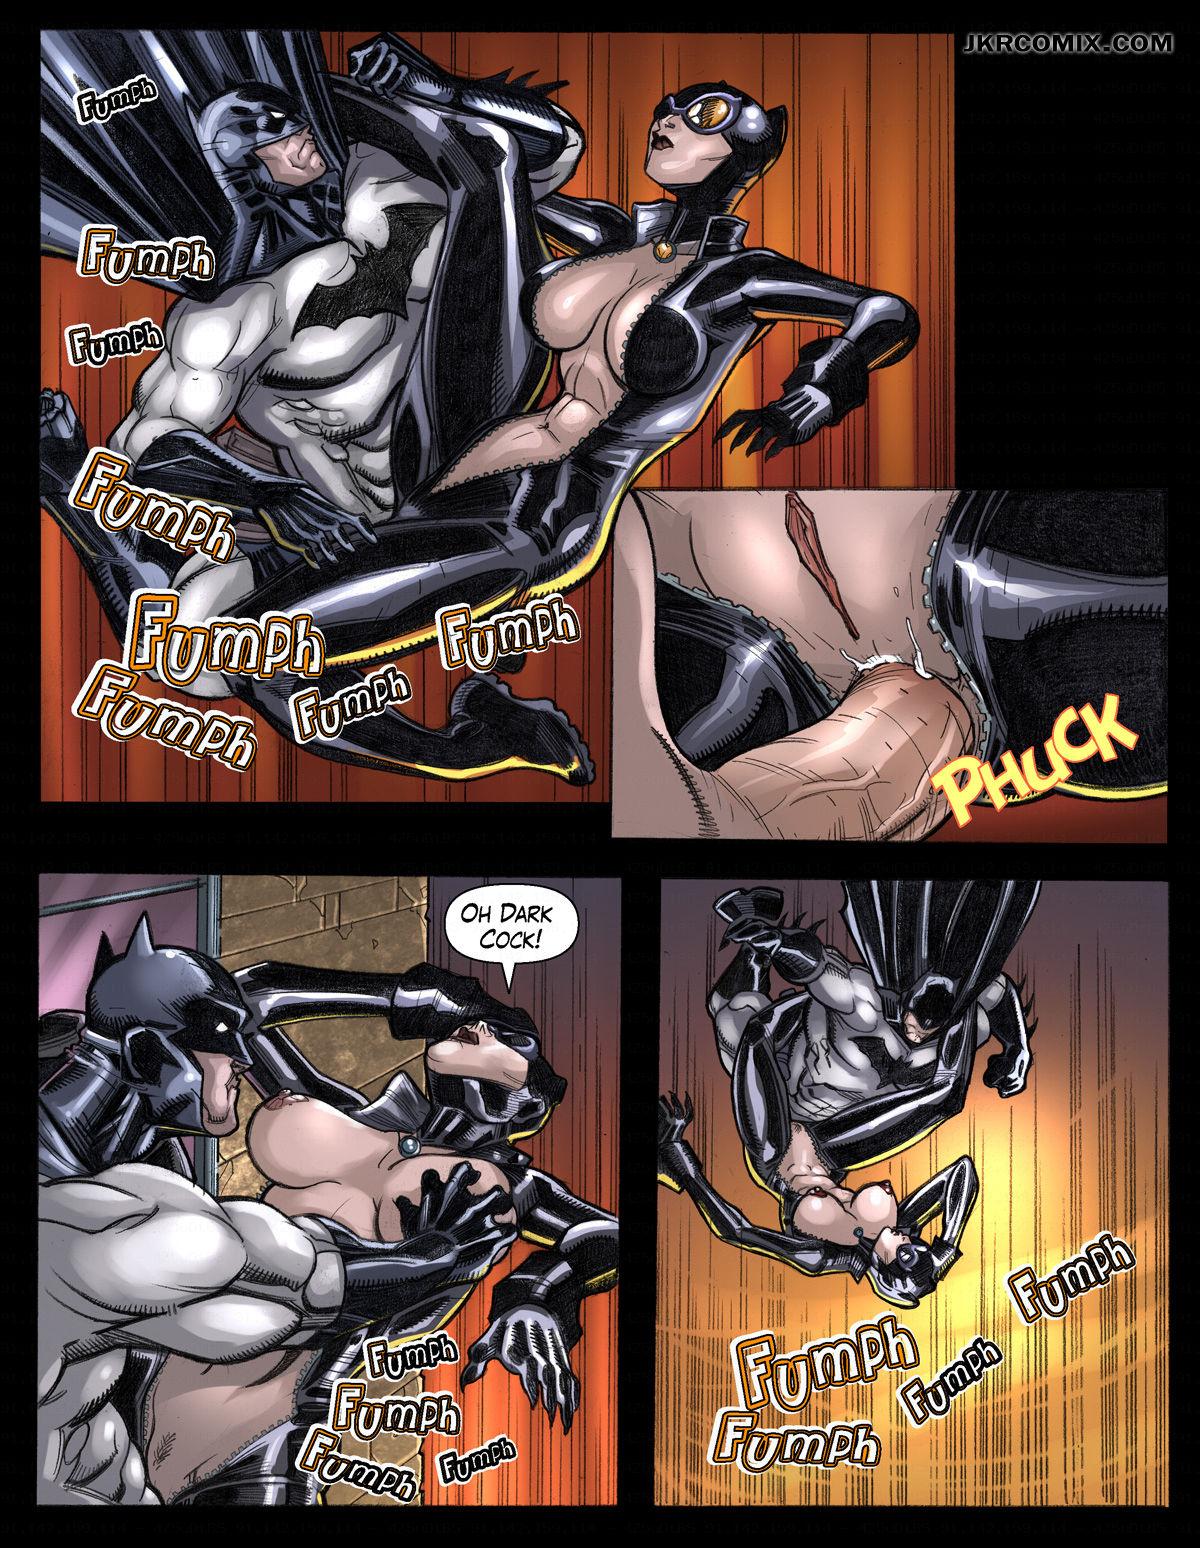 The dark cock rises porn comic picture 4